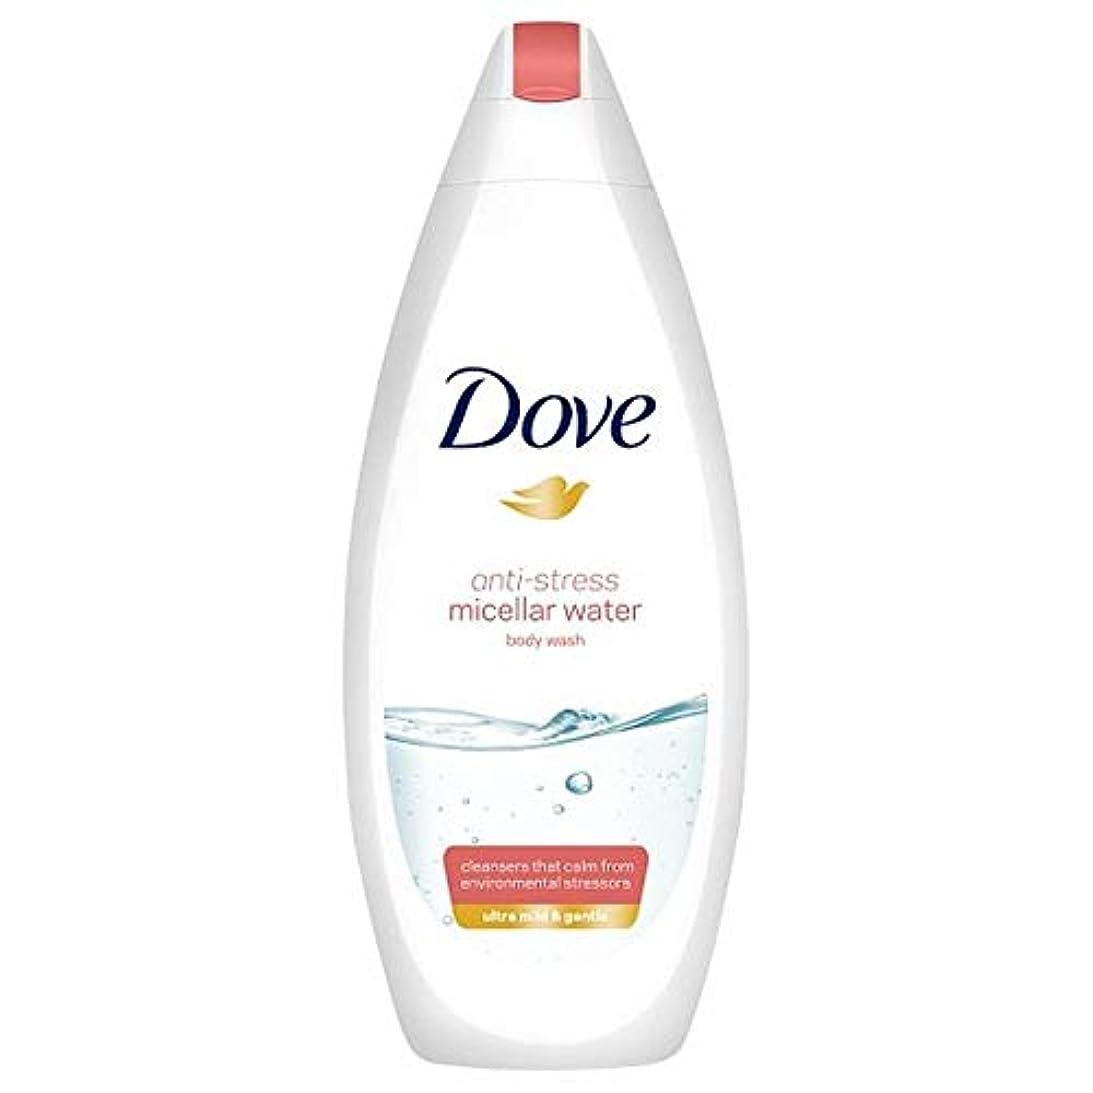 テクスチャー展示会キュービック[Dove] 鳩ミセルボディウォッシュ抗ストレス500ミリリットル - Dove Micellar Body Wash Anti Stress 500Ml [並行輸入品]